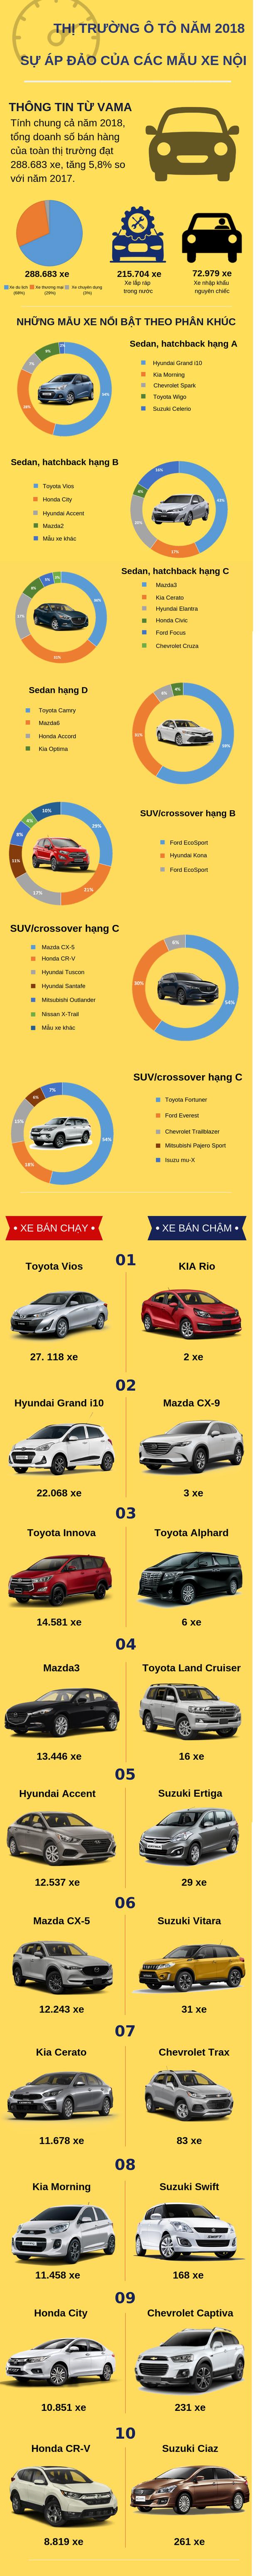 Infographic thị trường xế hộp Việt Nam năm 2018: Sự áp đảo của xe nội địa - Ảnh 1.